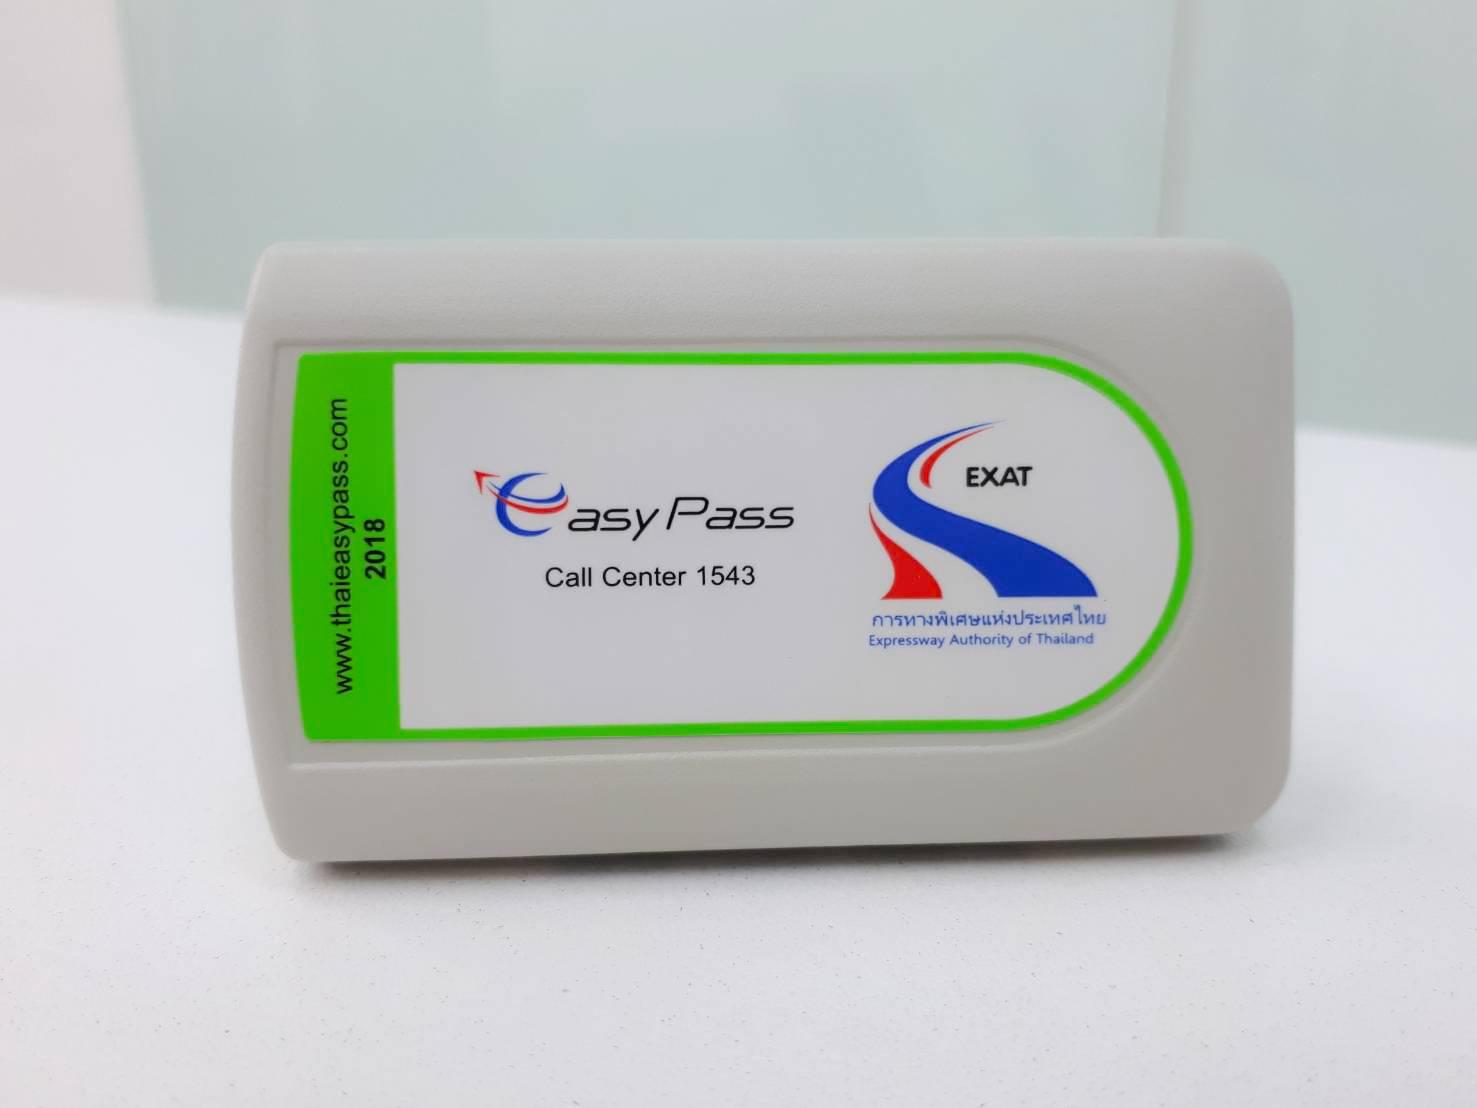 ขอรับขายึดบัตร Easy Pass ได้ฟรีไม่มีค่าใช้จ่าย